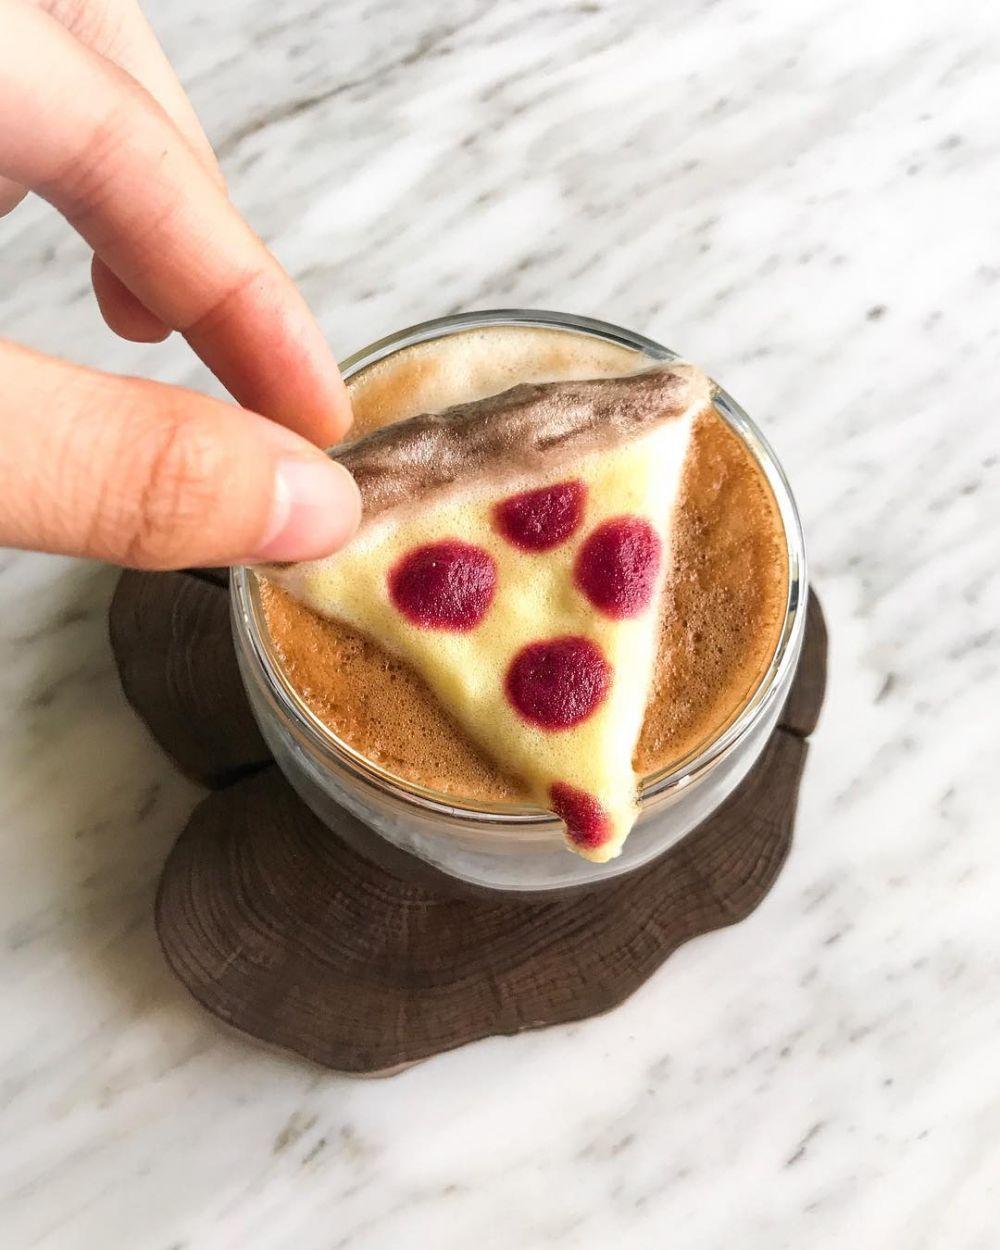 Latte Art 3D2 © 2017 brilio.net